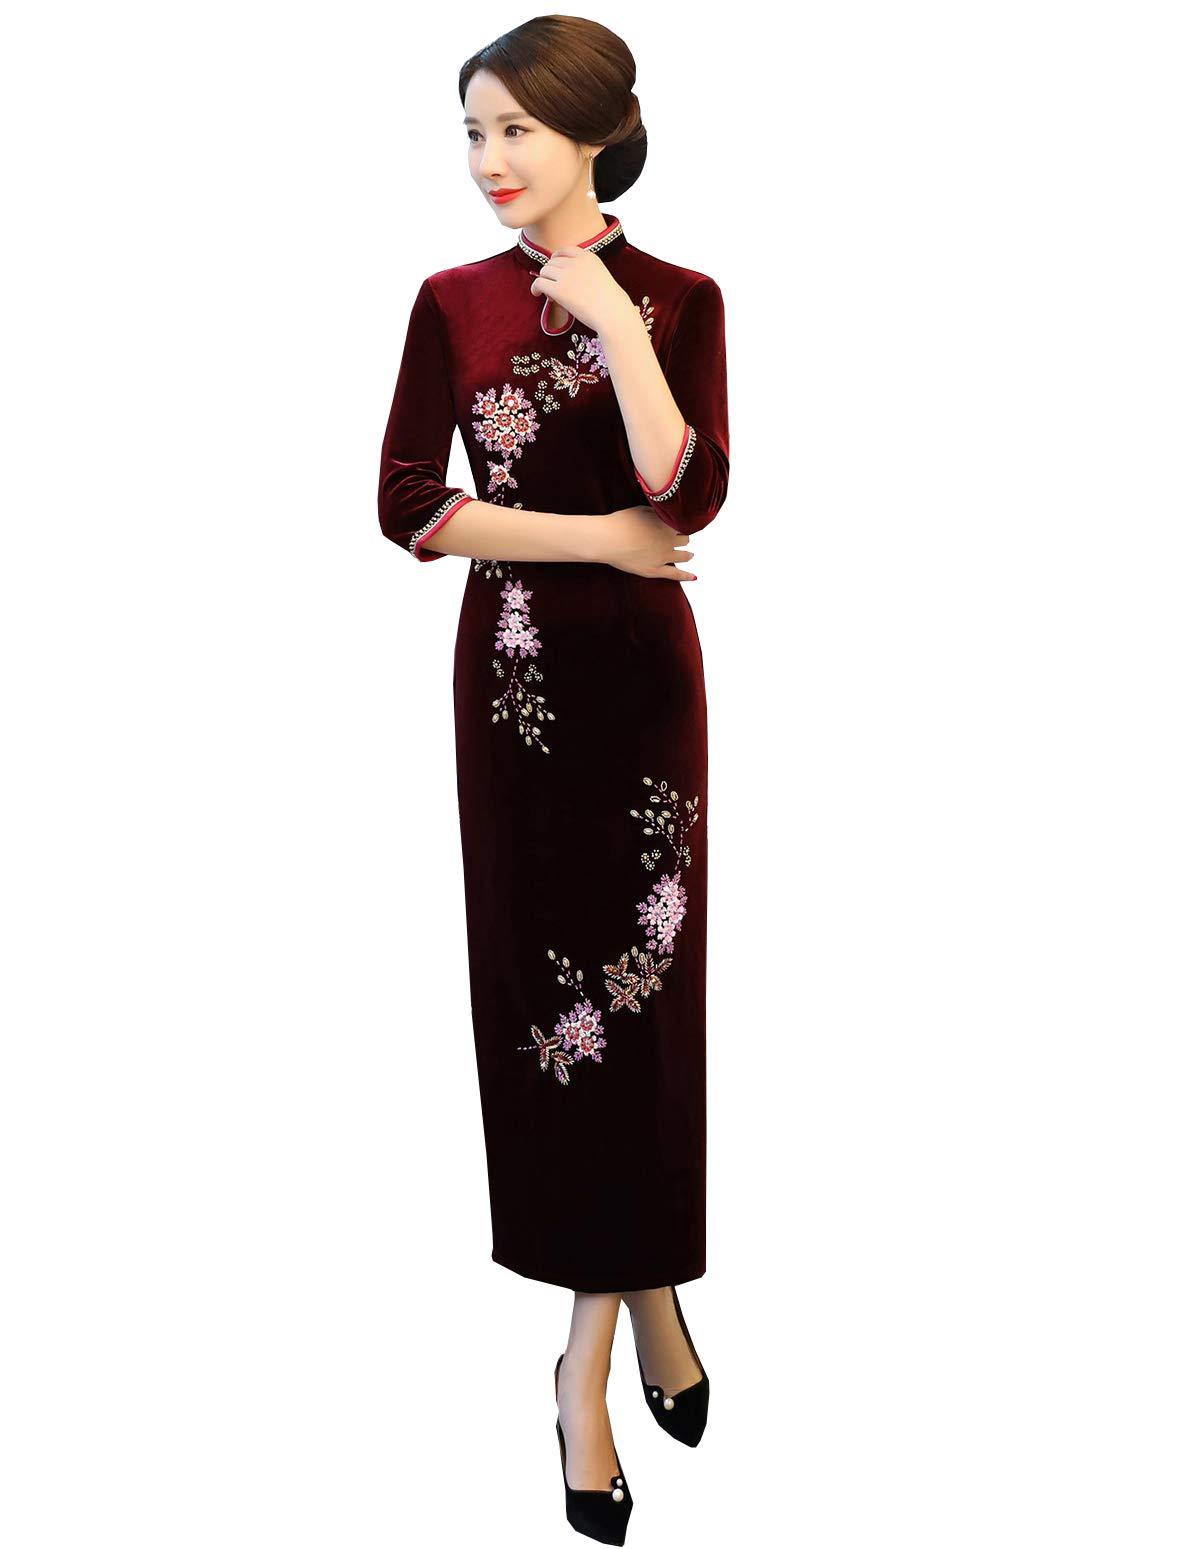 Springplus Women's East Asian Velvet Cheongsam Chinese Evening Dress Qipao Traditional Dress for Girls (Burgundy, US 6)